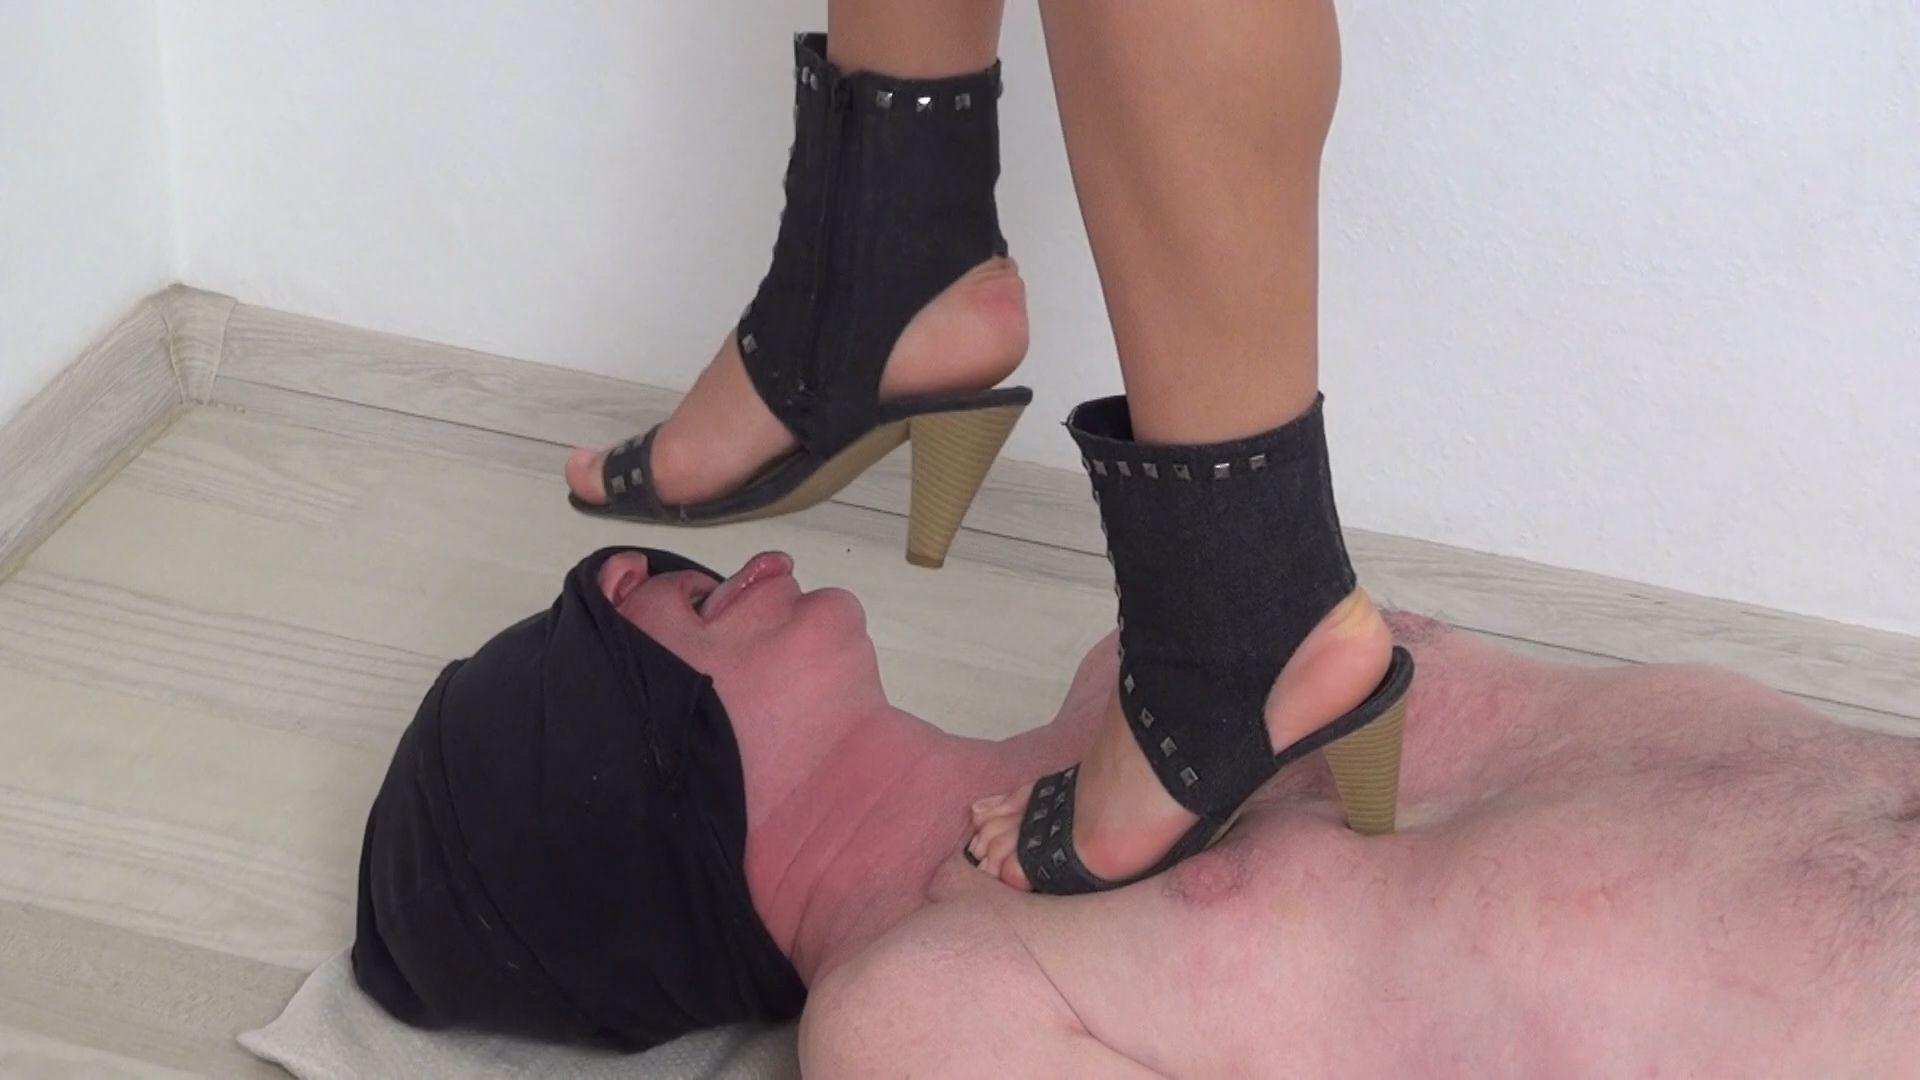 Kimberly BRUTAL Trampling trampling highheels